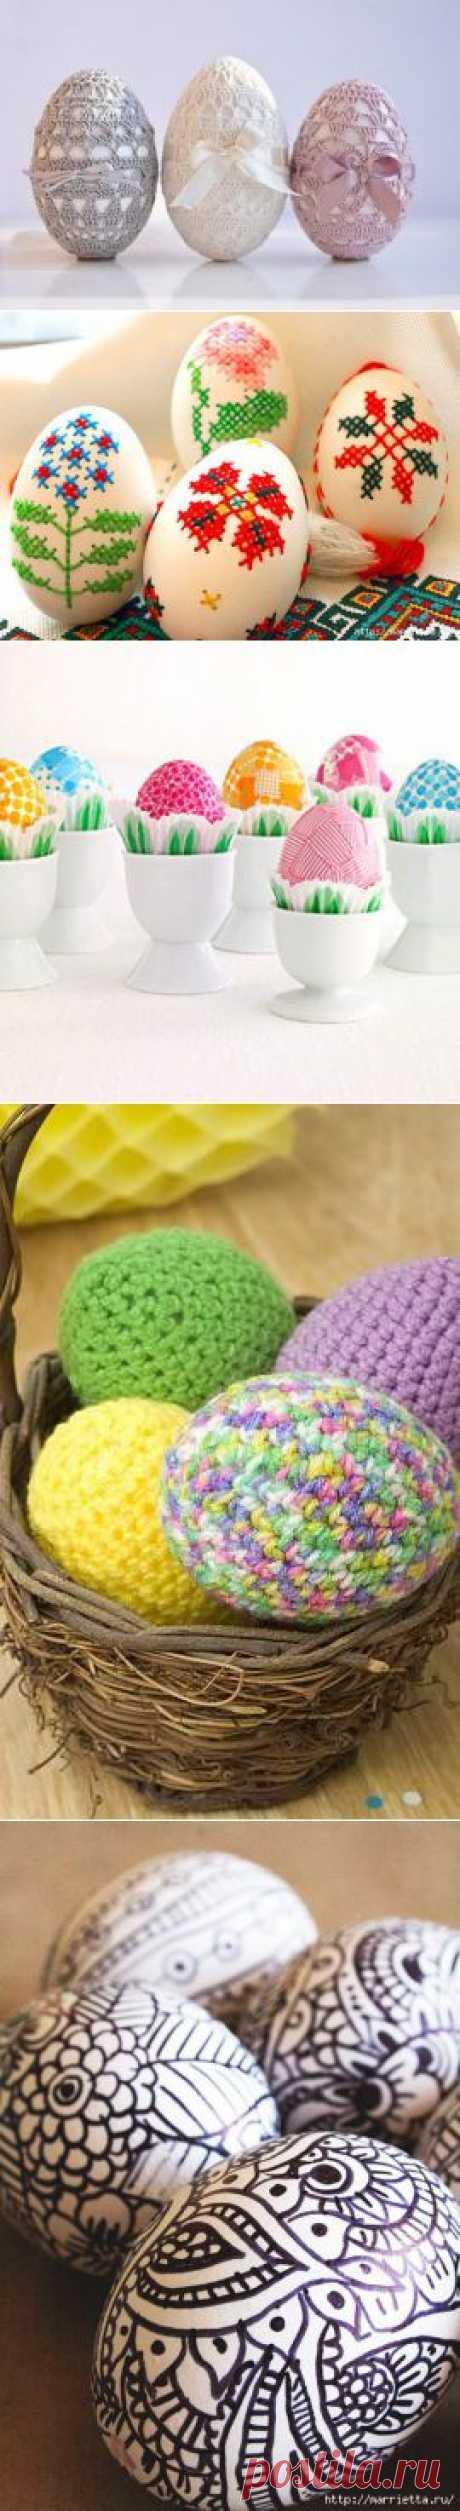 Пасхальные яйца. Идеи для вдохновения.